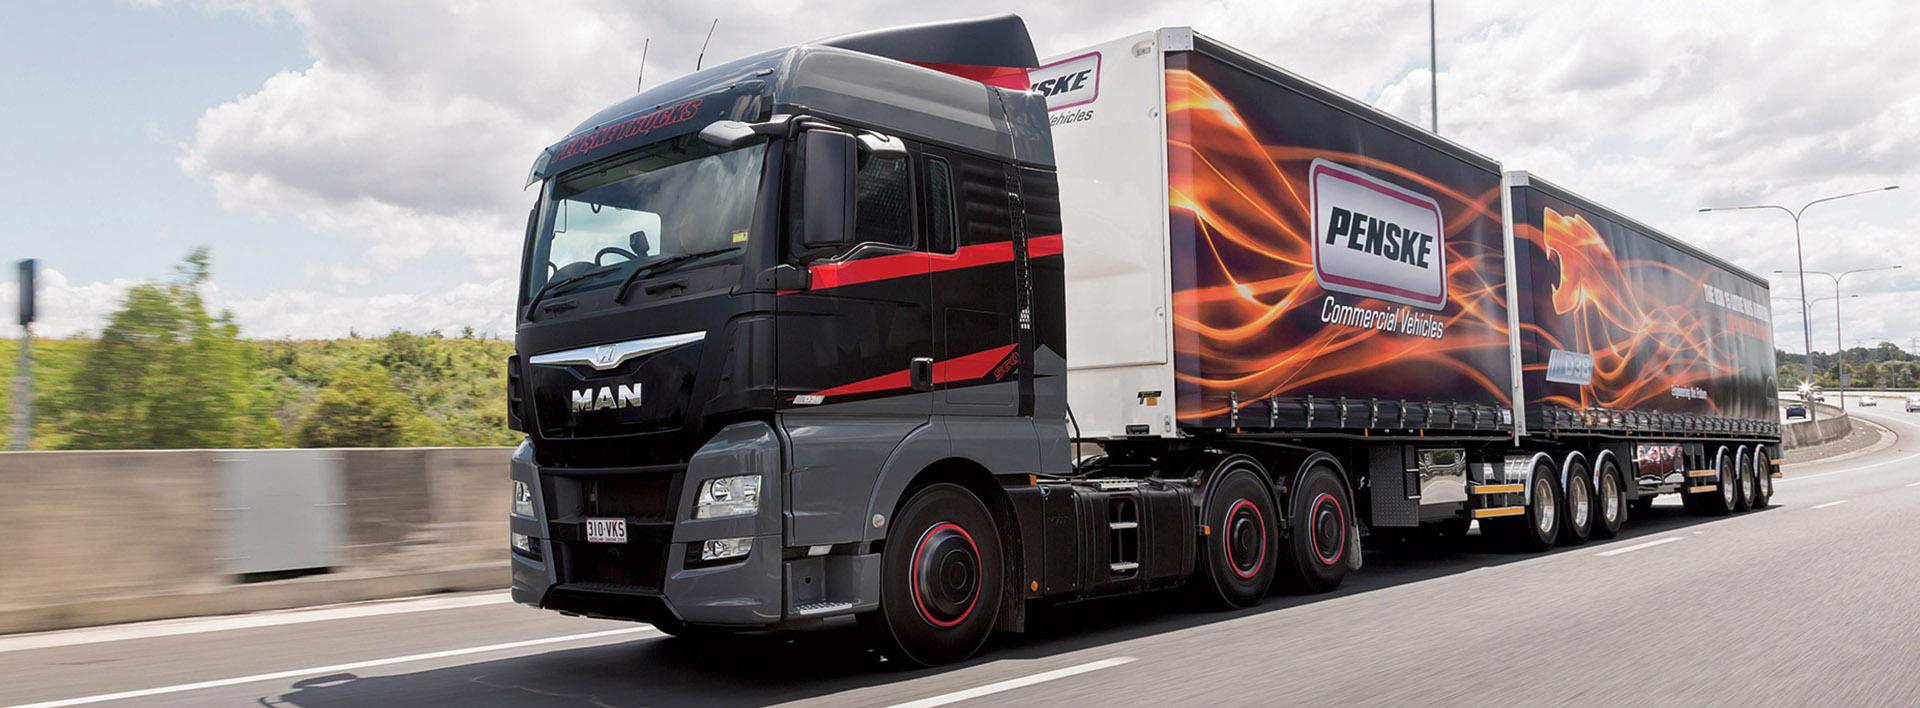 MAN New Trucks & Buses Range